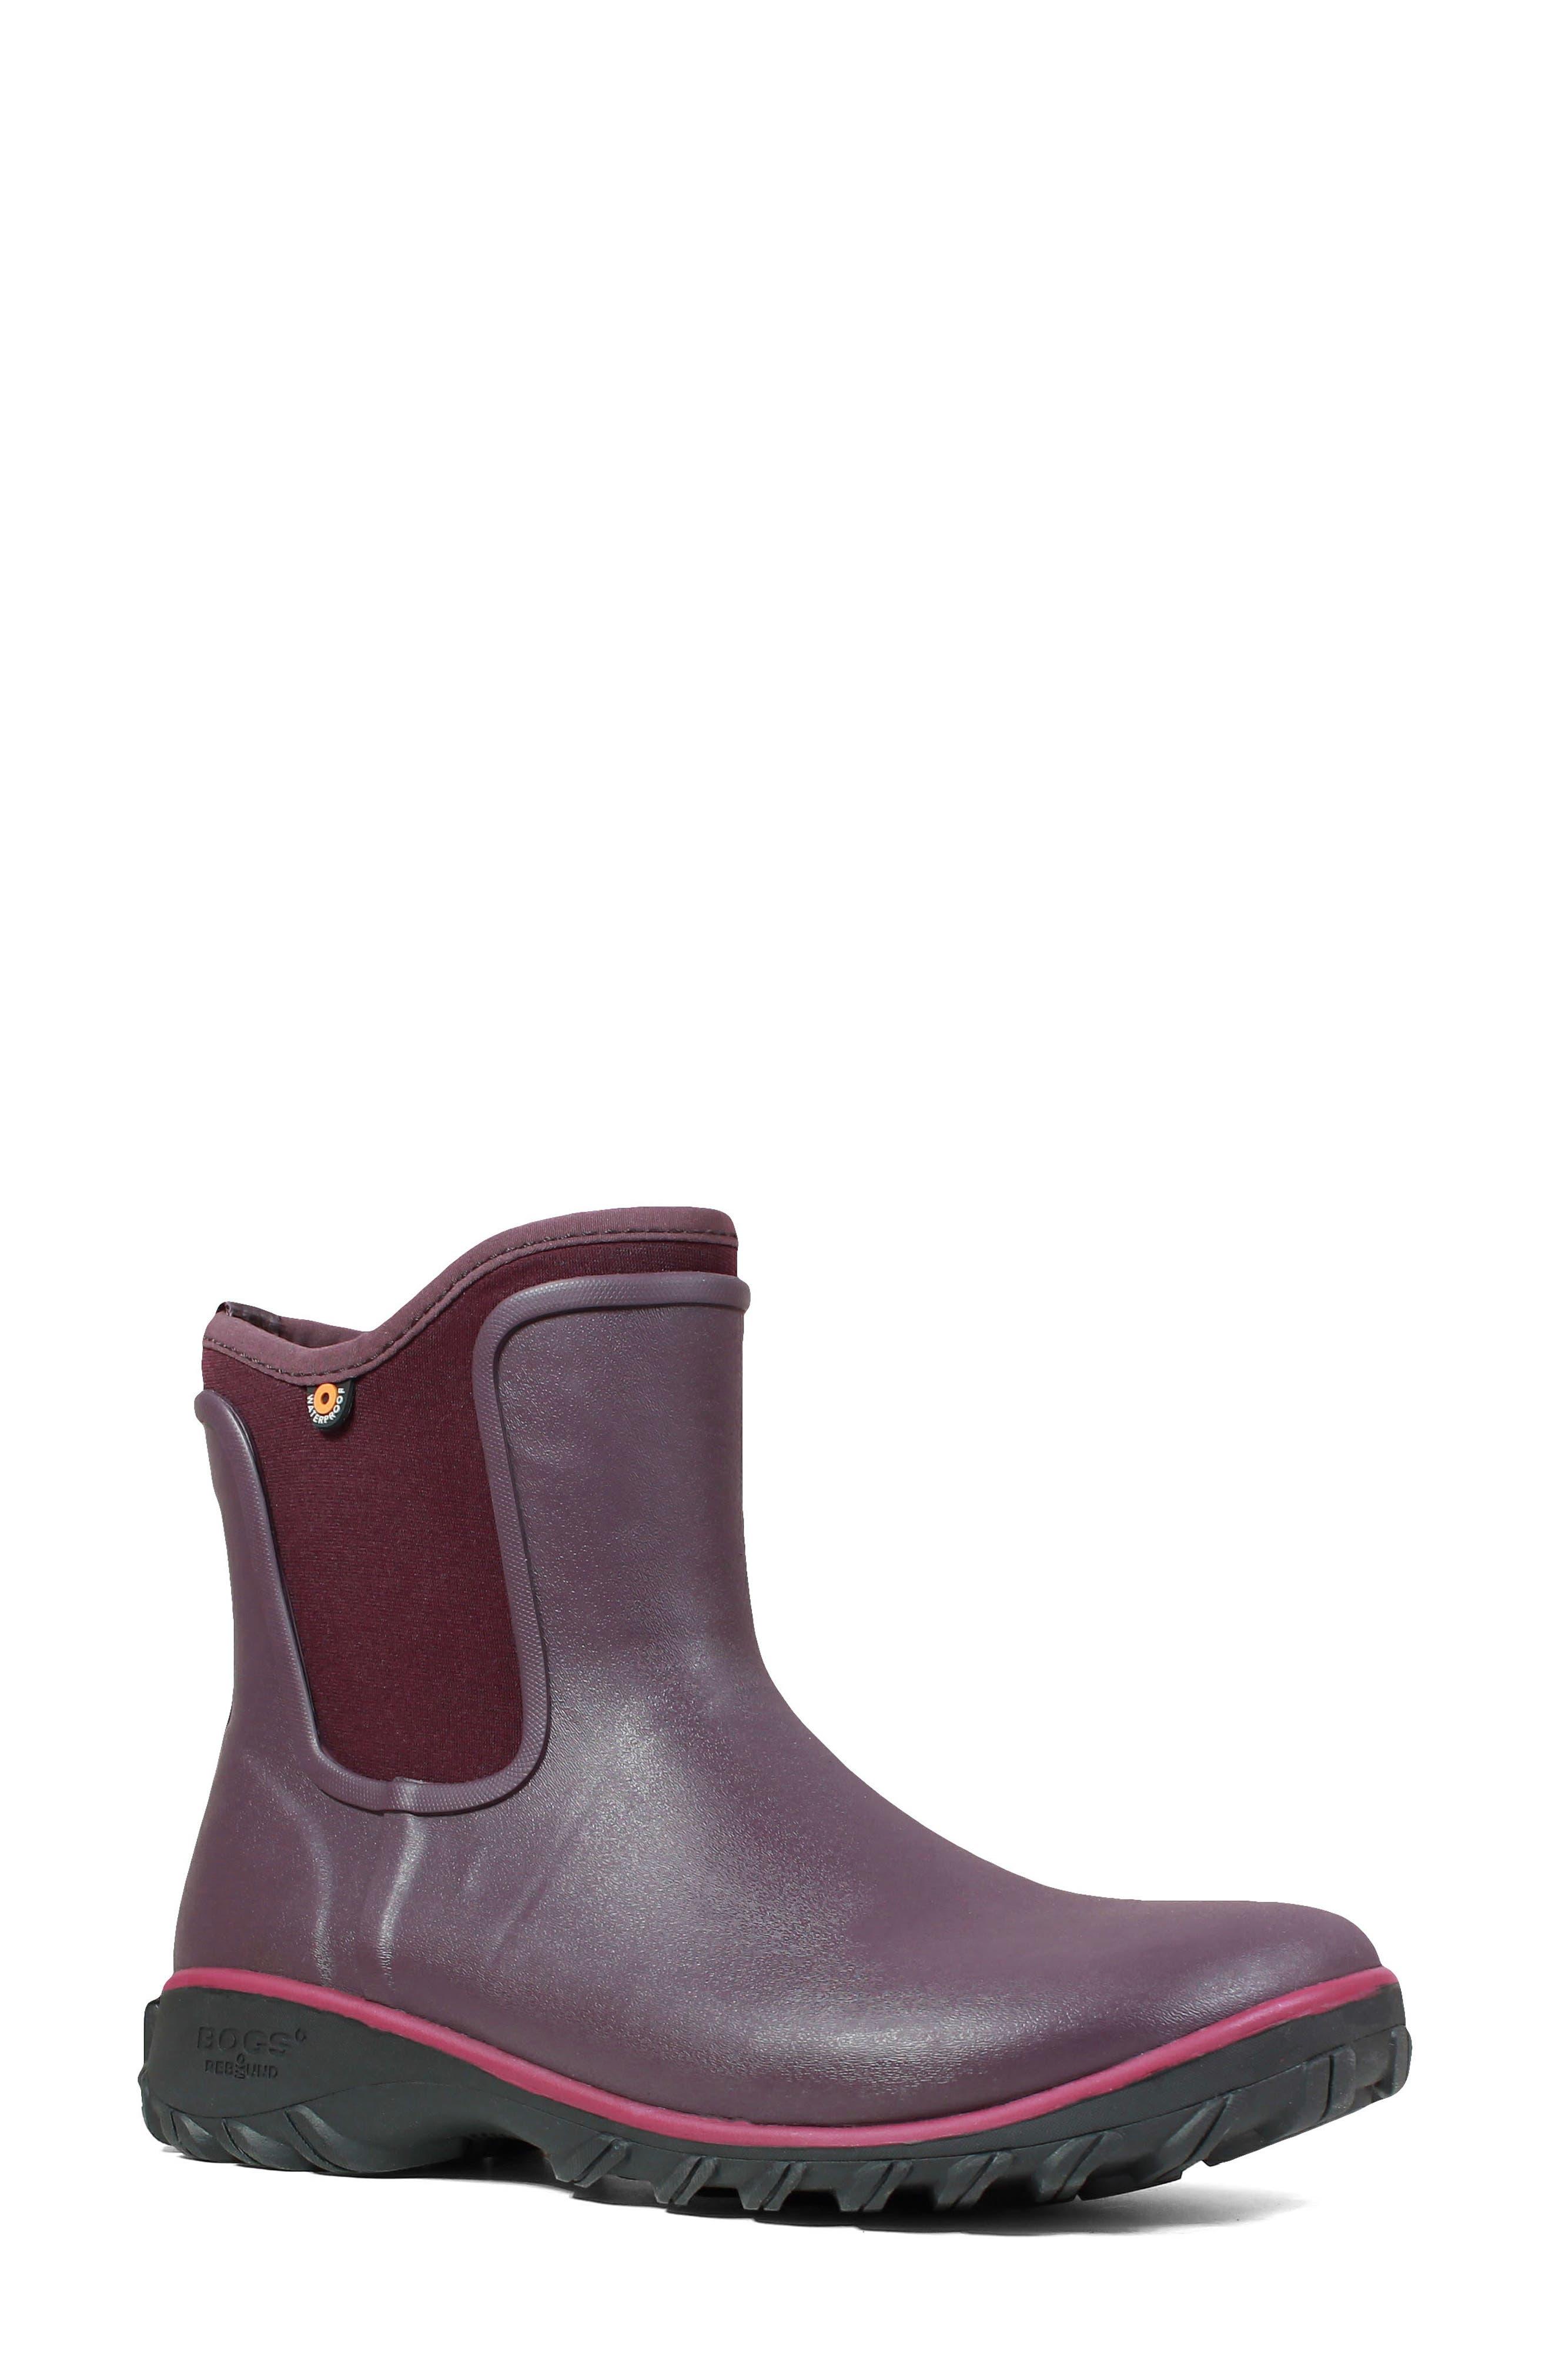 Bogs Sauvie Waterproof Chelsea Boot, Burgundy